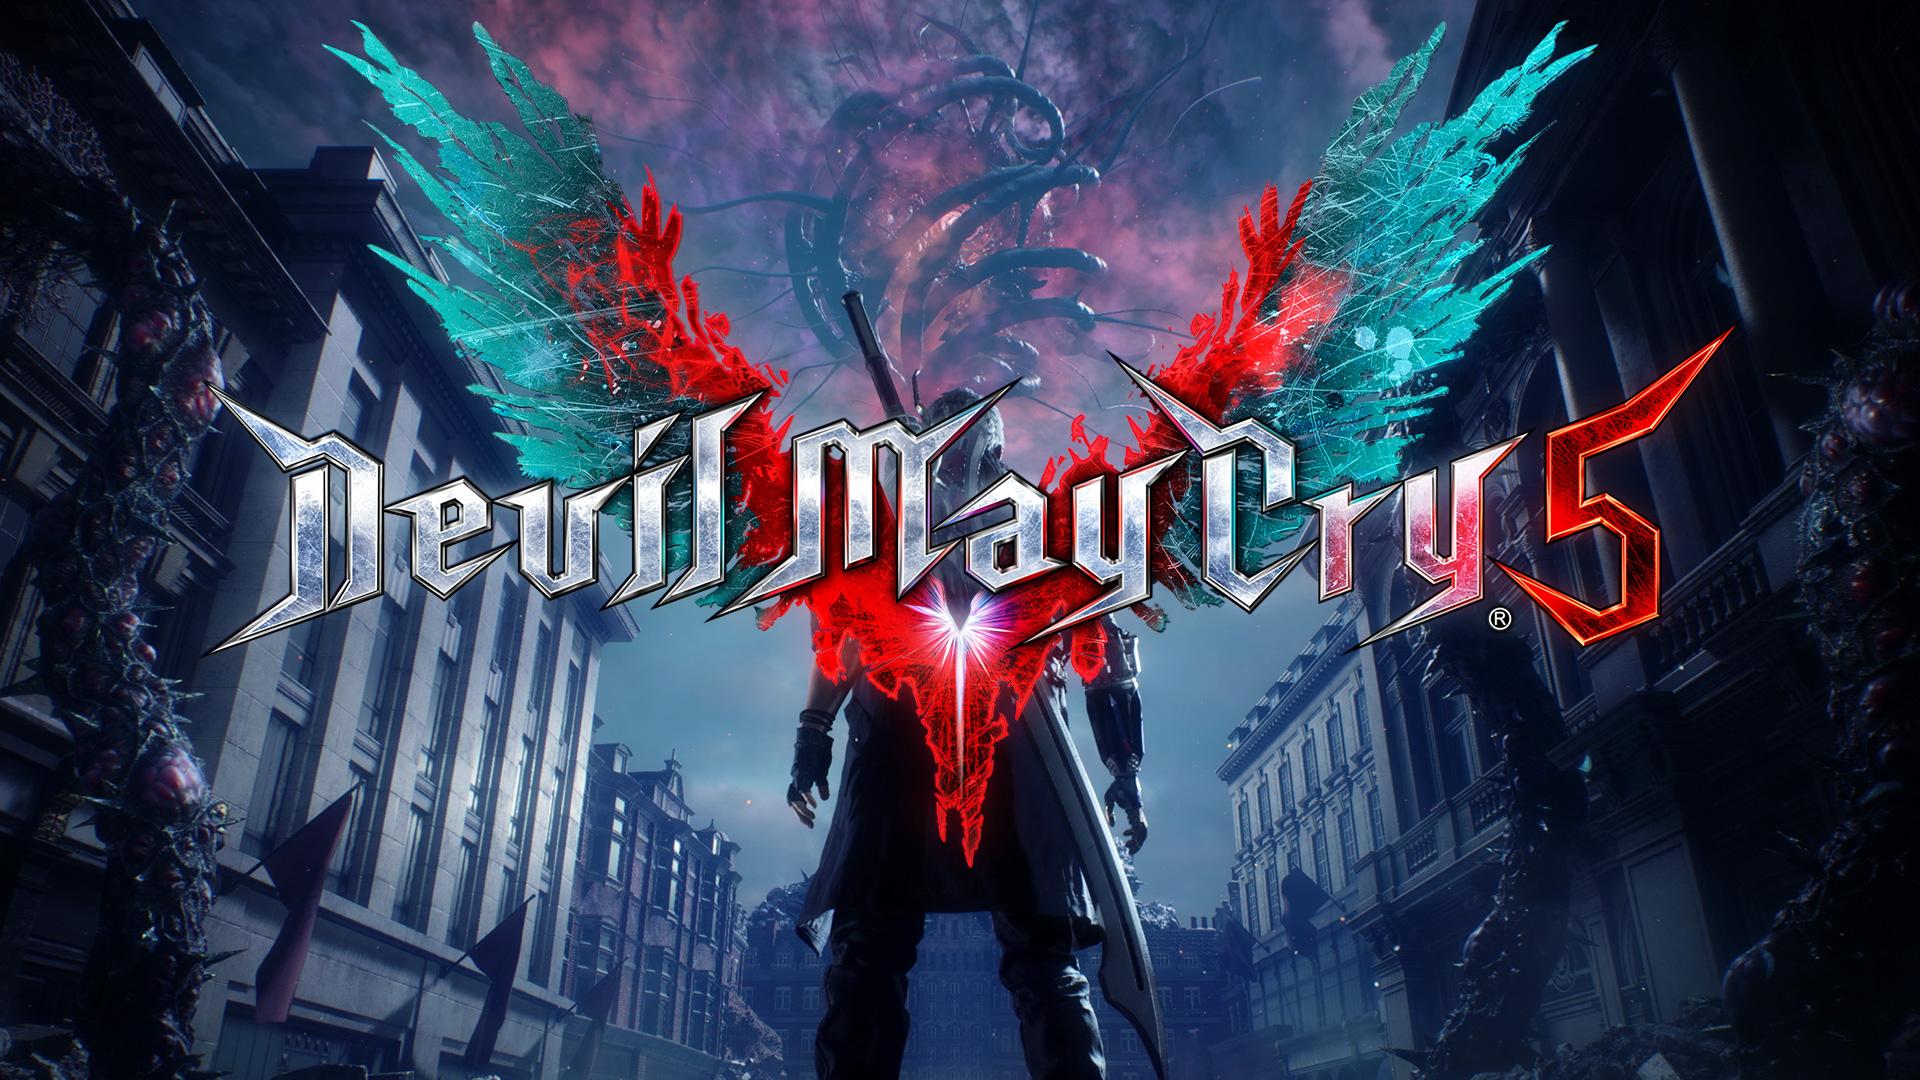 labirintas alisa kirsti dmc devil may cry 5